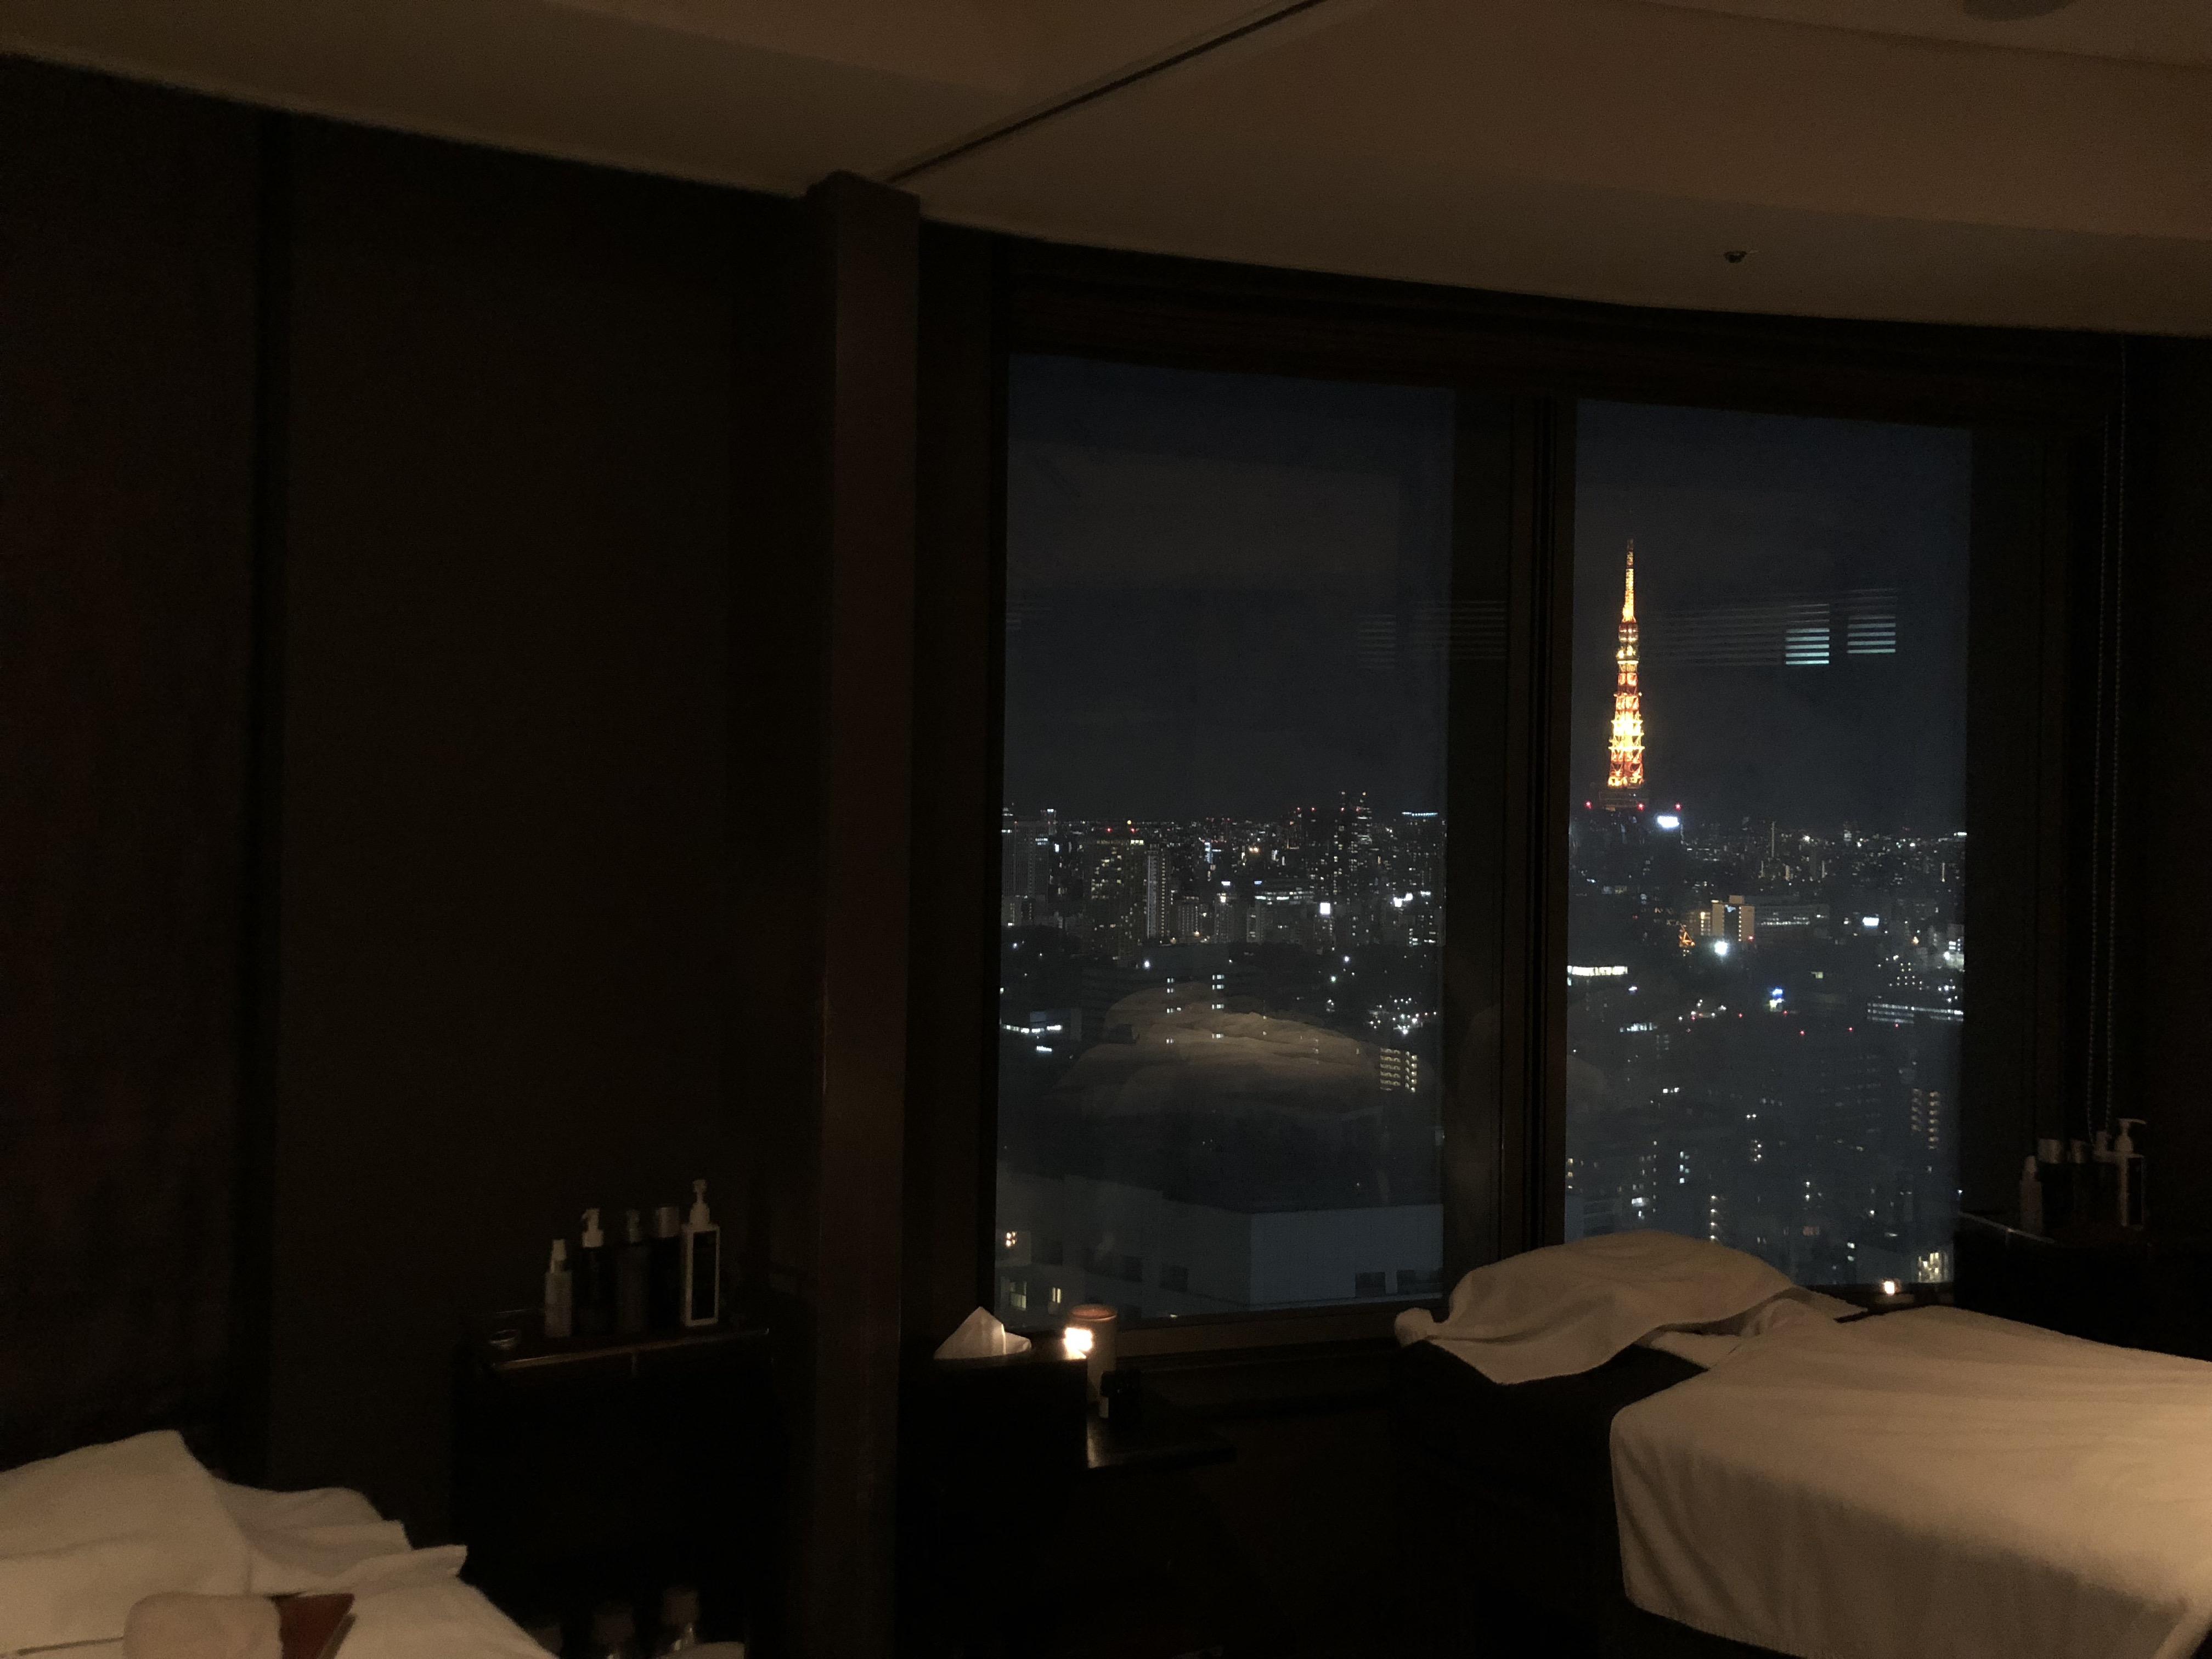 人気のご褒美SPAにランチがついて1万円プランも!年末年始にぜひ!